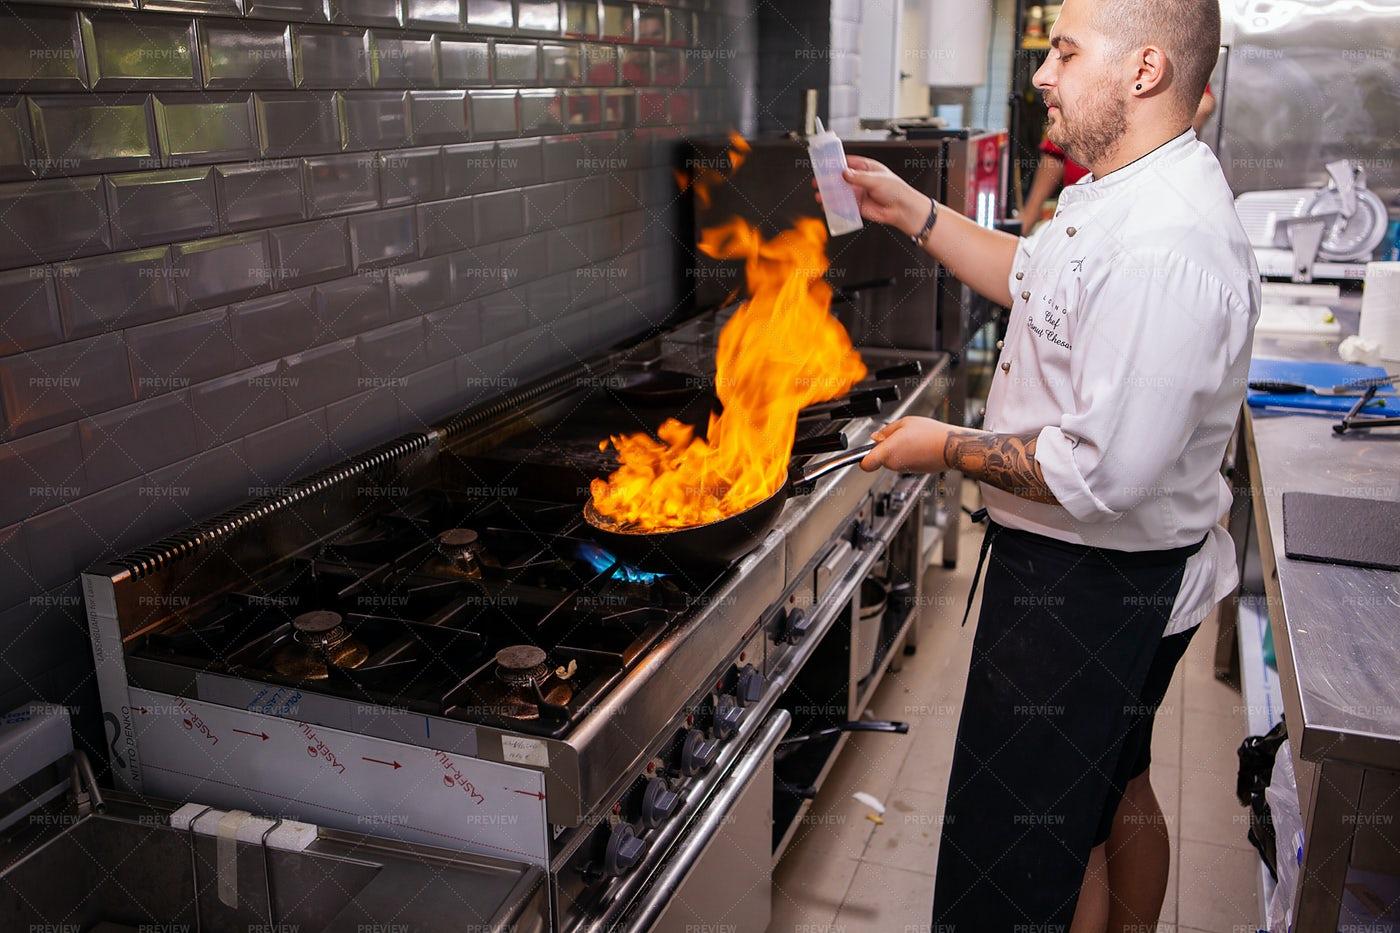 Chef Making Flambe At Stove: Stock Photos